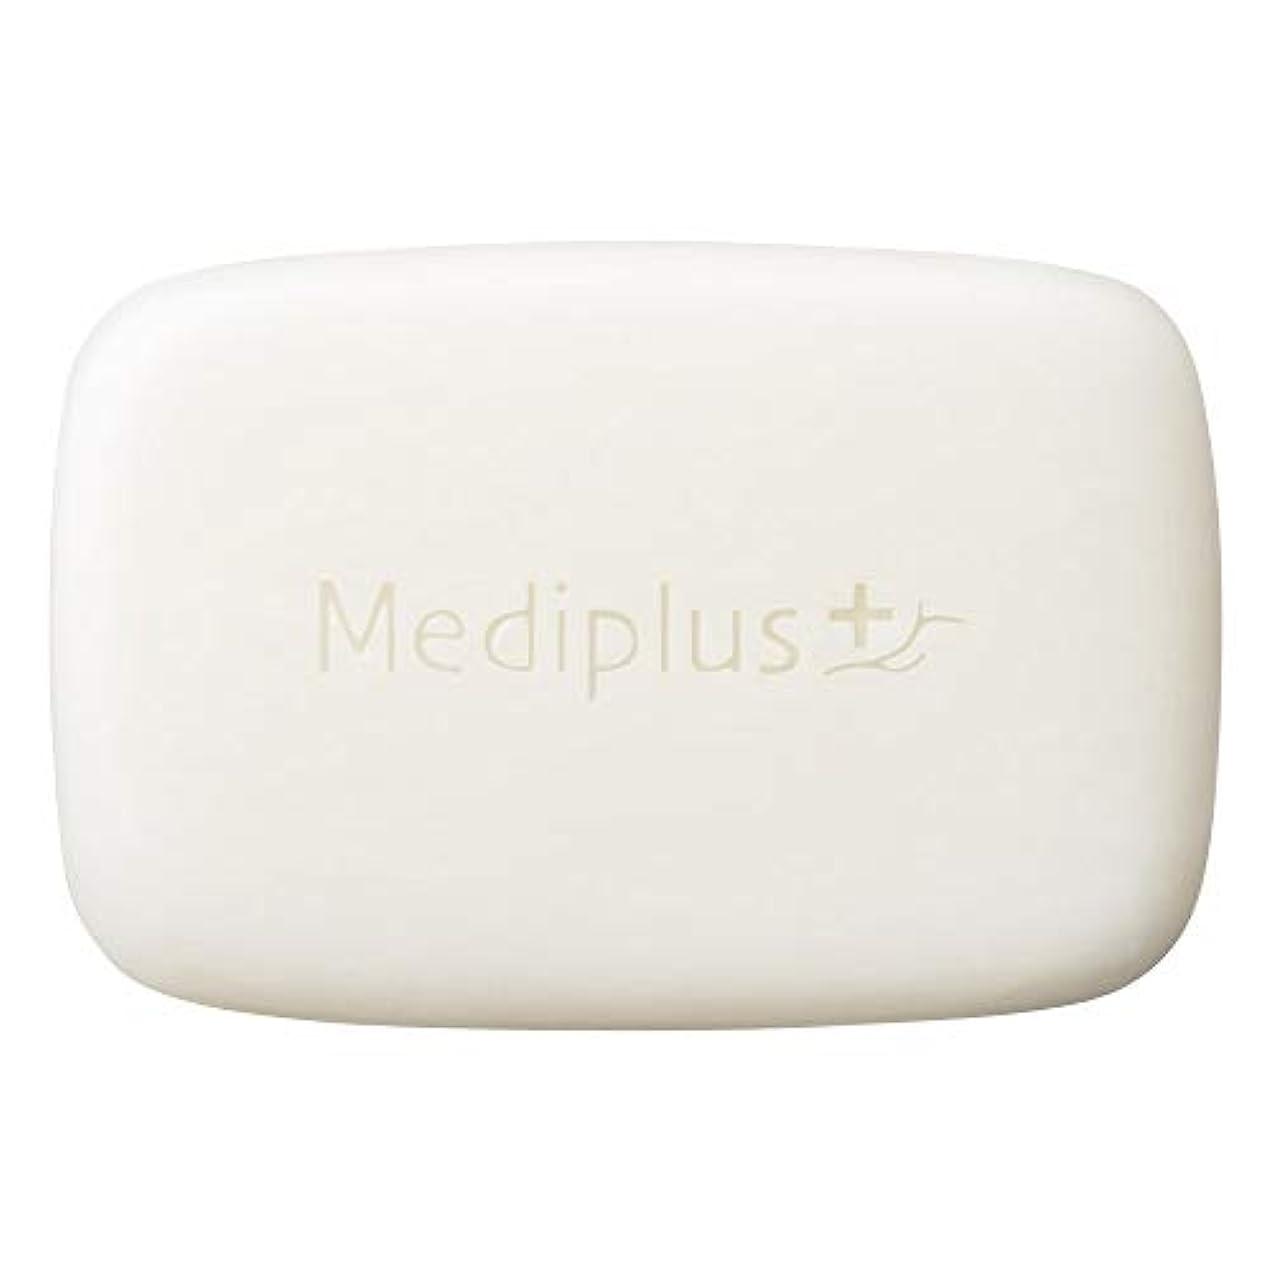 朝反応する怒ってmediplus メディプラス オイルクリームソープ 60g(約2か月分)